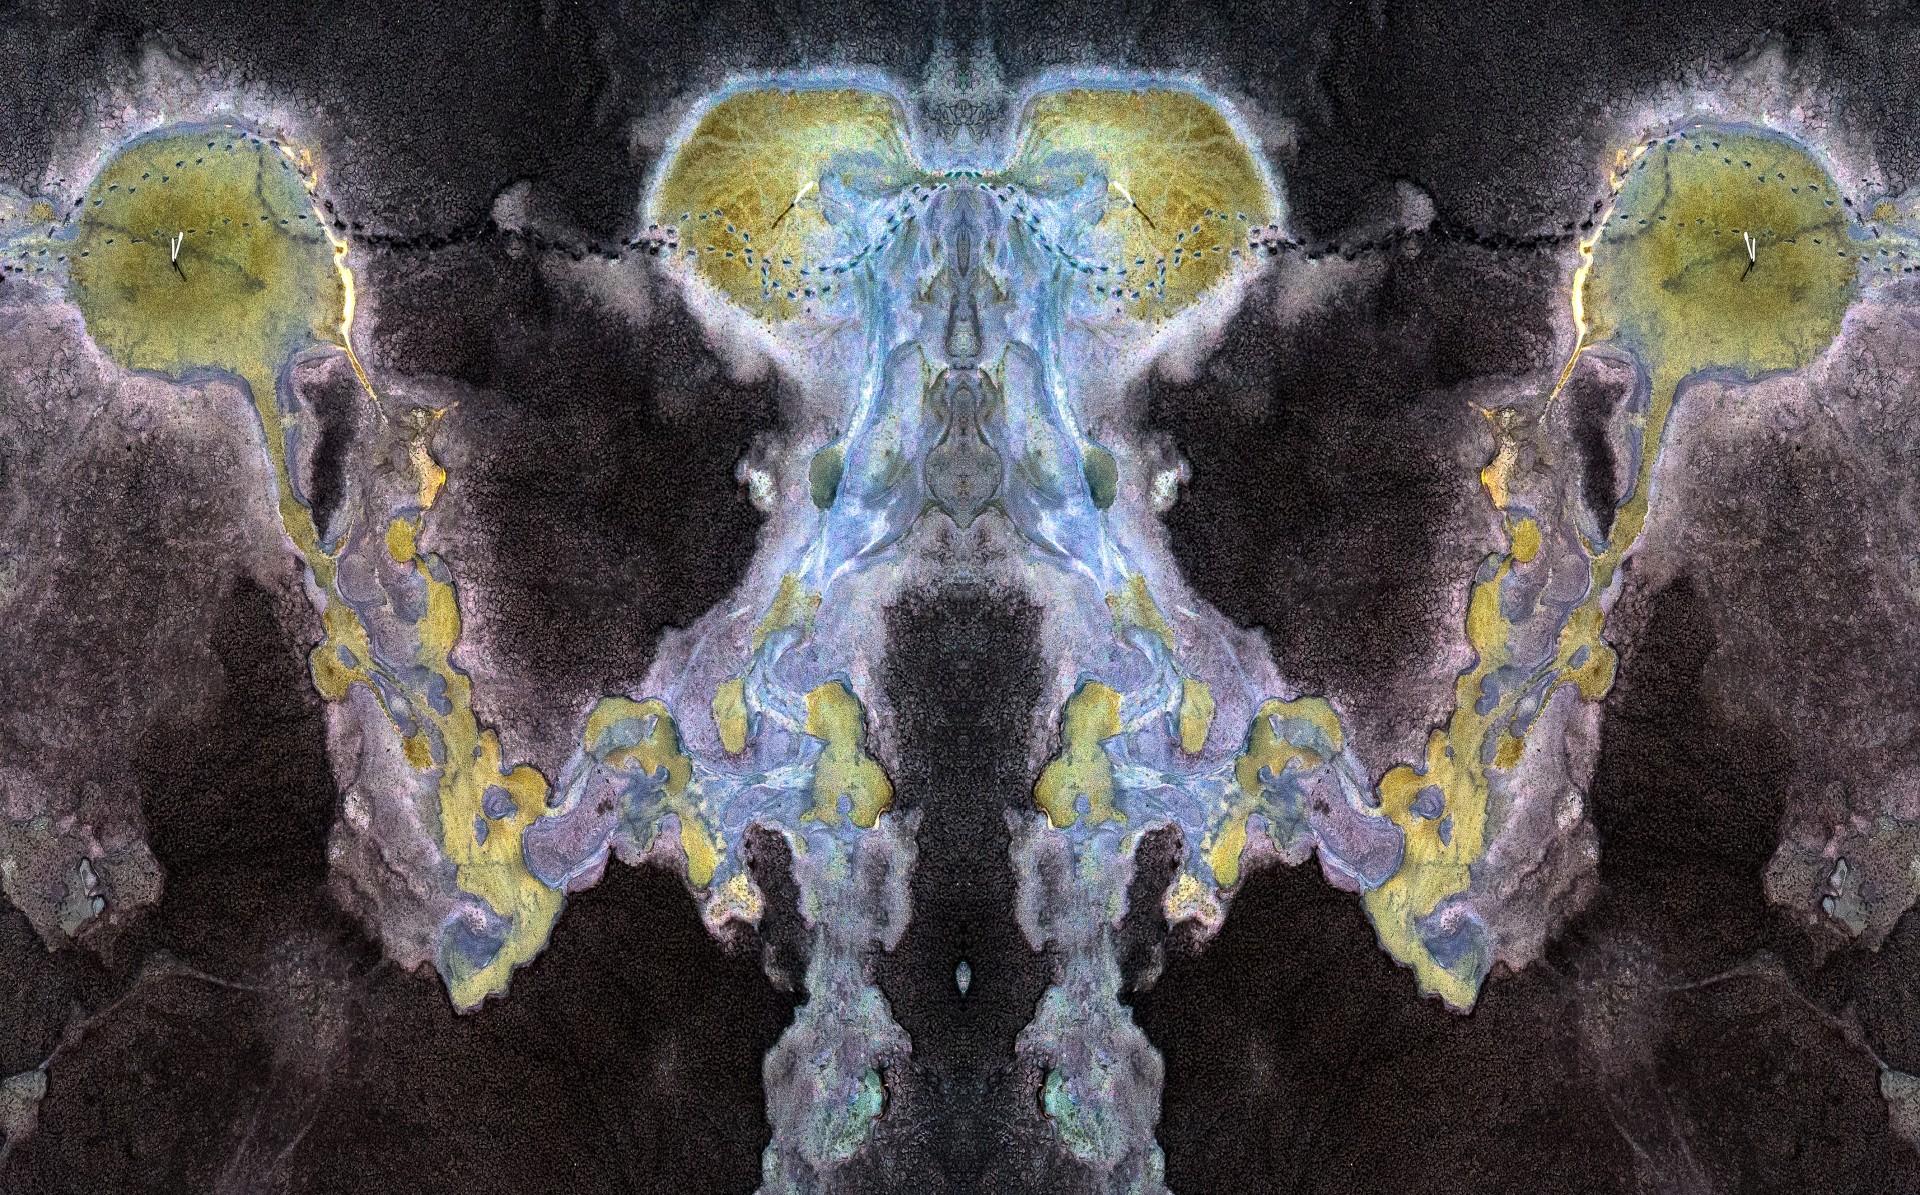 Fotó: Lang Nándor: Mantis<br />Kategória: Kompozíció, forma és kísérletezés<br />Helyezés: 2. díj<br /><br />Imádkozó sáskára emlékeztető alakzatot ölt a leeresztett biatorbágyi halastó medrében talált motívum tükrözött képe.